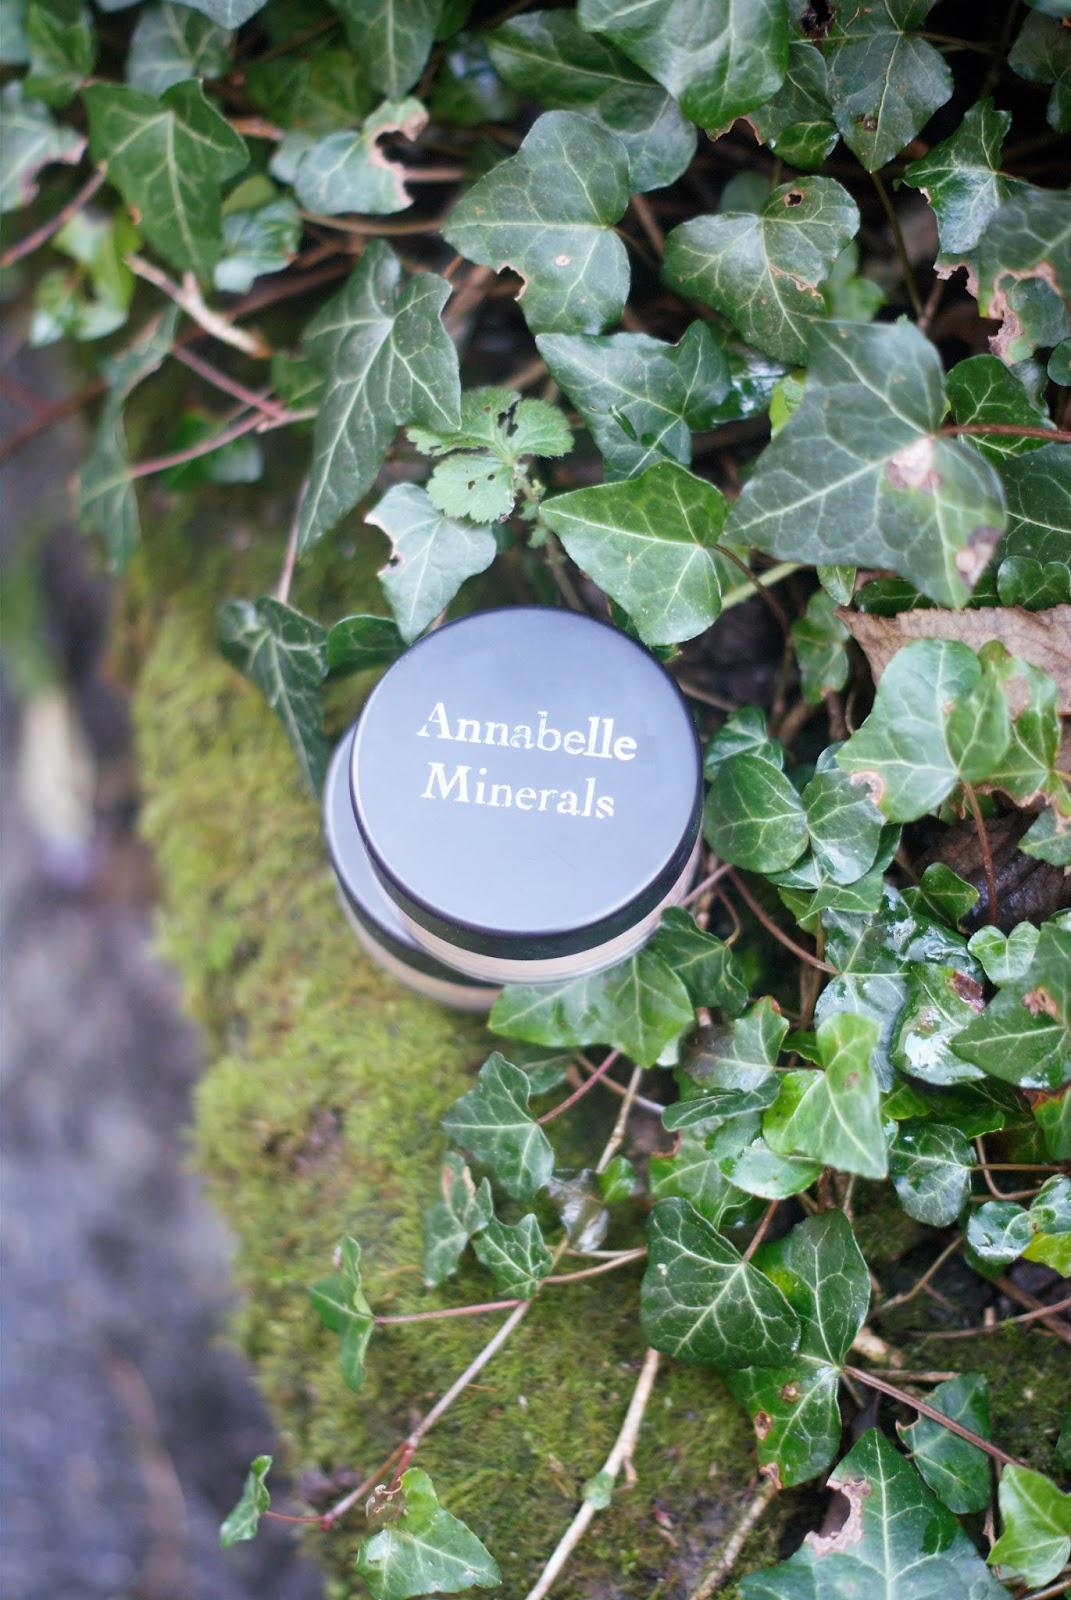 Puder matujący i rozświetlający/ Annabelle Minerals.